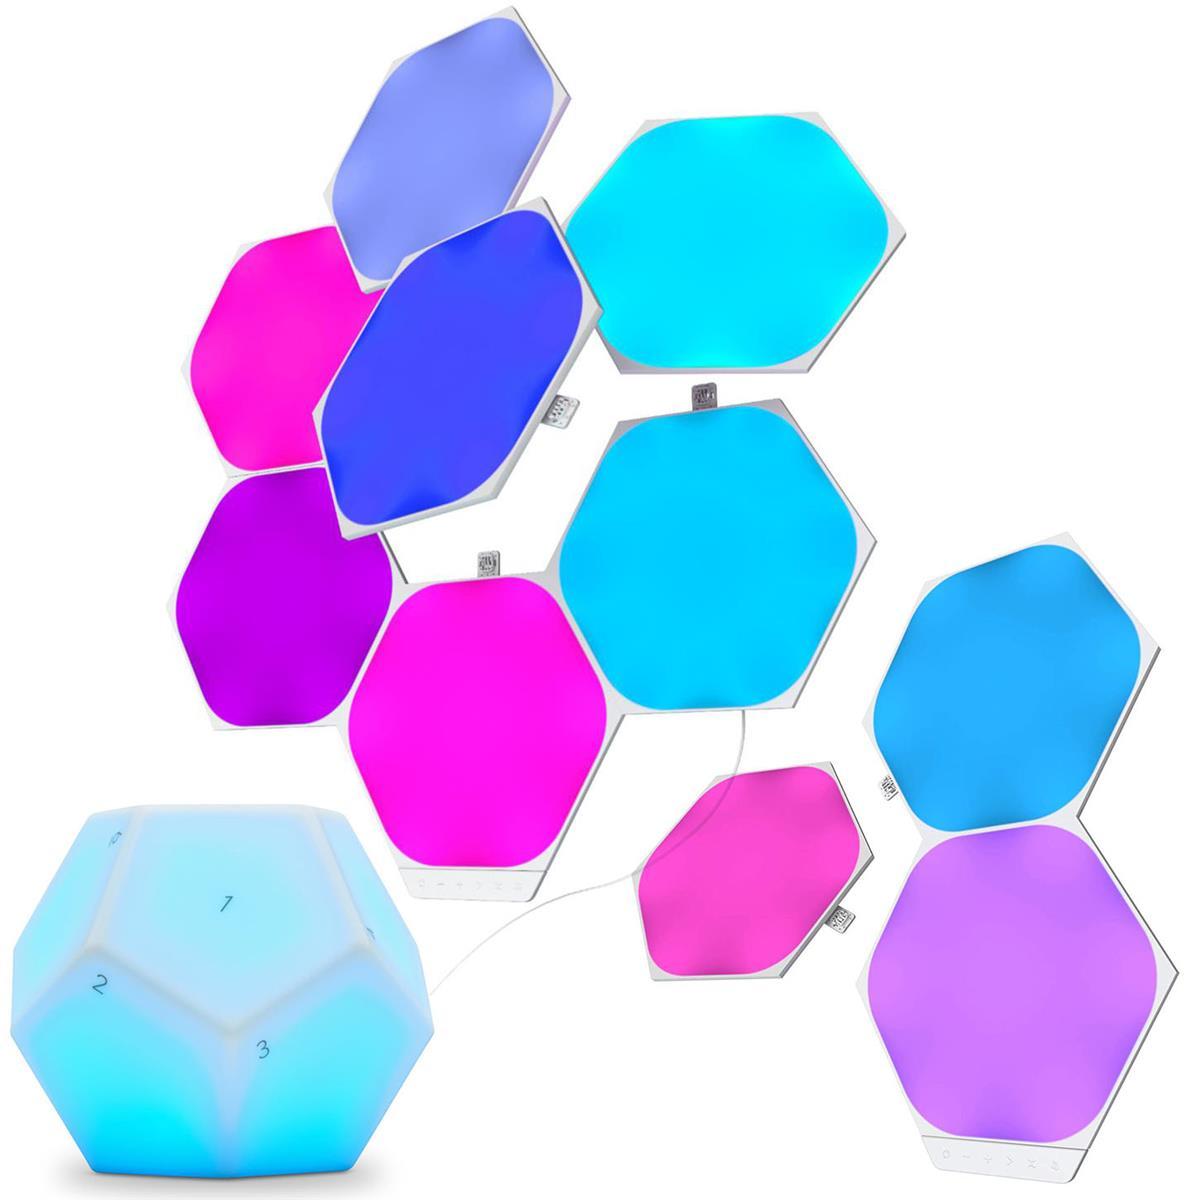 Nanoleaf Shapes Hexagons Smarter Kit: 7 Panels + Exp Pack w/ 3 Panels + Nanoleaf Remote $230 + free s/h at Adorama